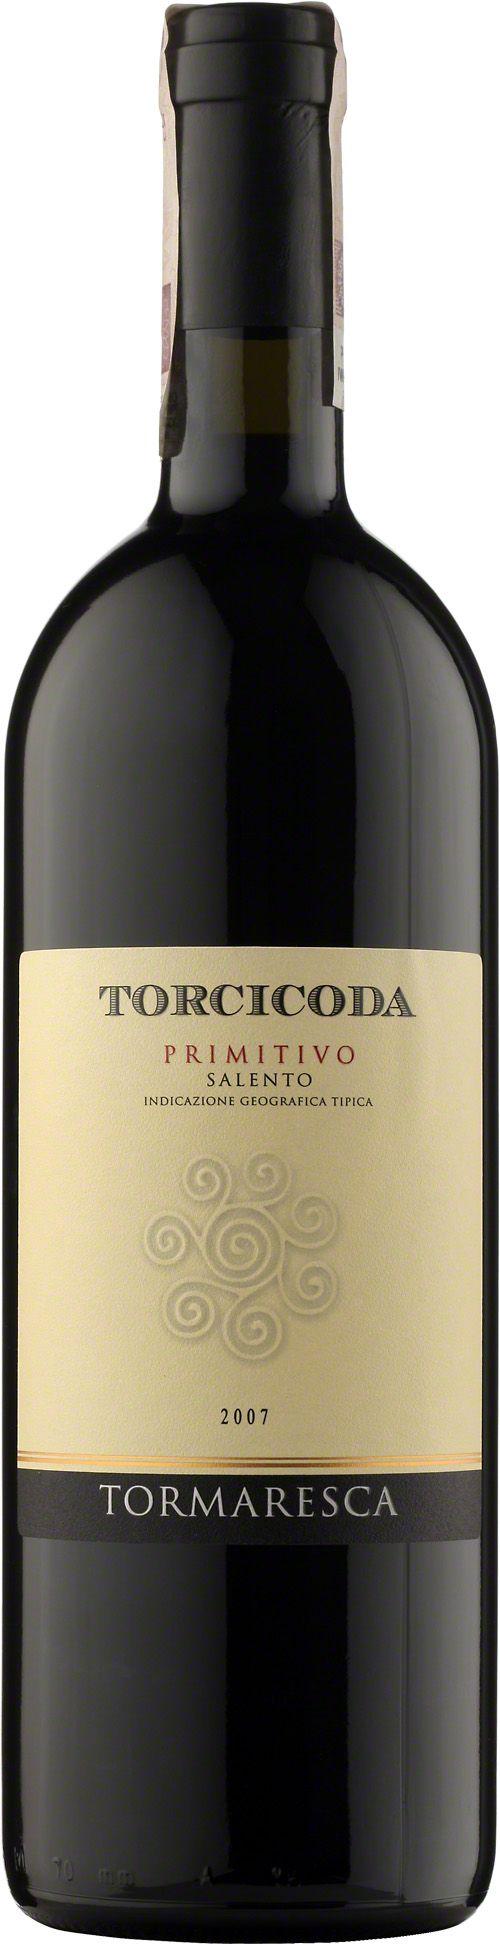 Tormaresca Torcicoda Primitivo Salento I.G.T. Kolor intensywnie czerwony. Aromat charakterystyczny dla szczepu primitivo, z którego zostało wyprodukowane oraz delikatny aromat suszonej śliwki. Bukiet obfitujący w czerwone owoce. Wine Spectator, the world's Wine Bible dla rocznika 2008 przyznał 61 pozycję/100. #Tormaresca #Torcicoda #Primitivo #Salento #Wlochy #Wino #Winezja